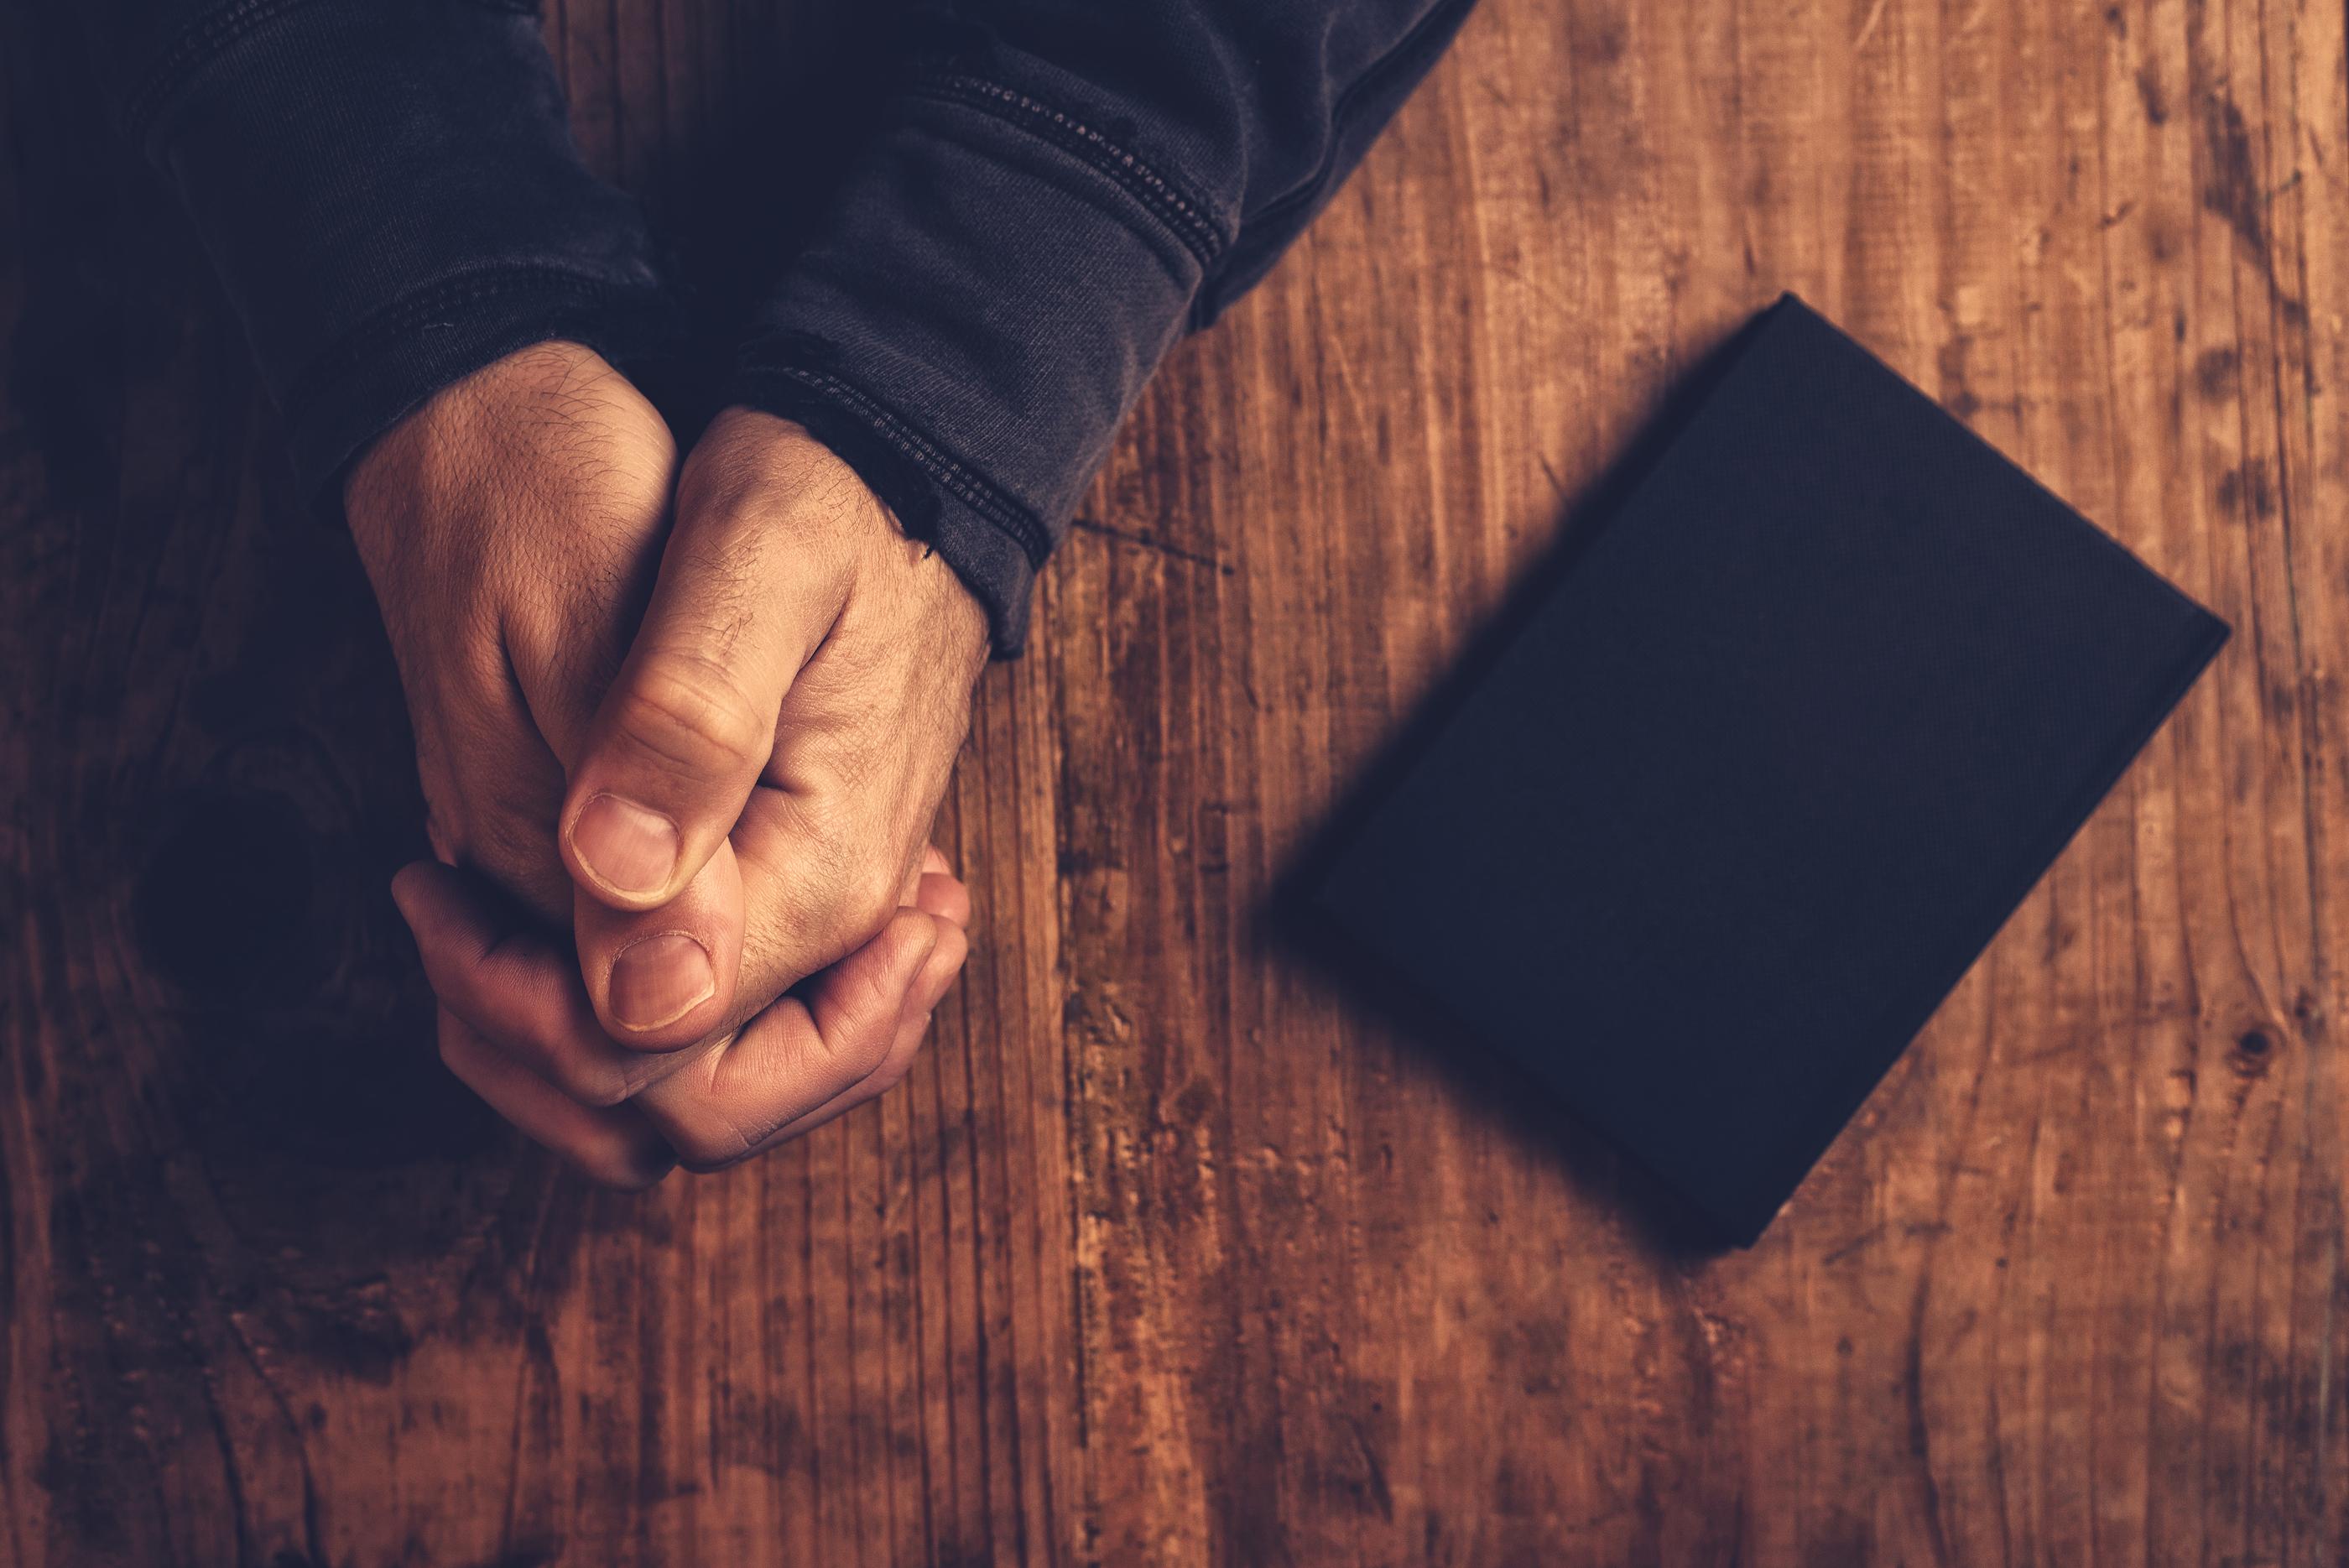 Thursday Morning Prayer at 5:30 am